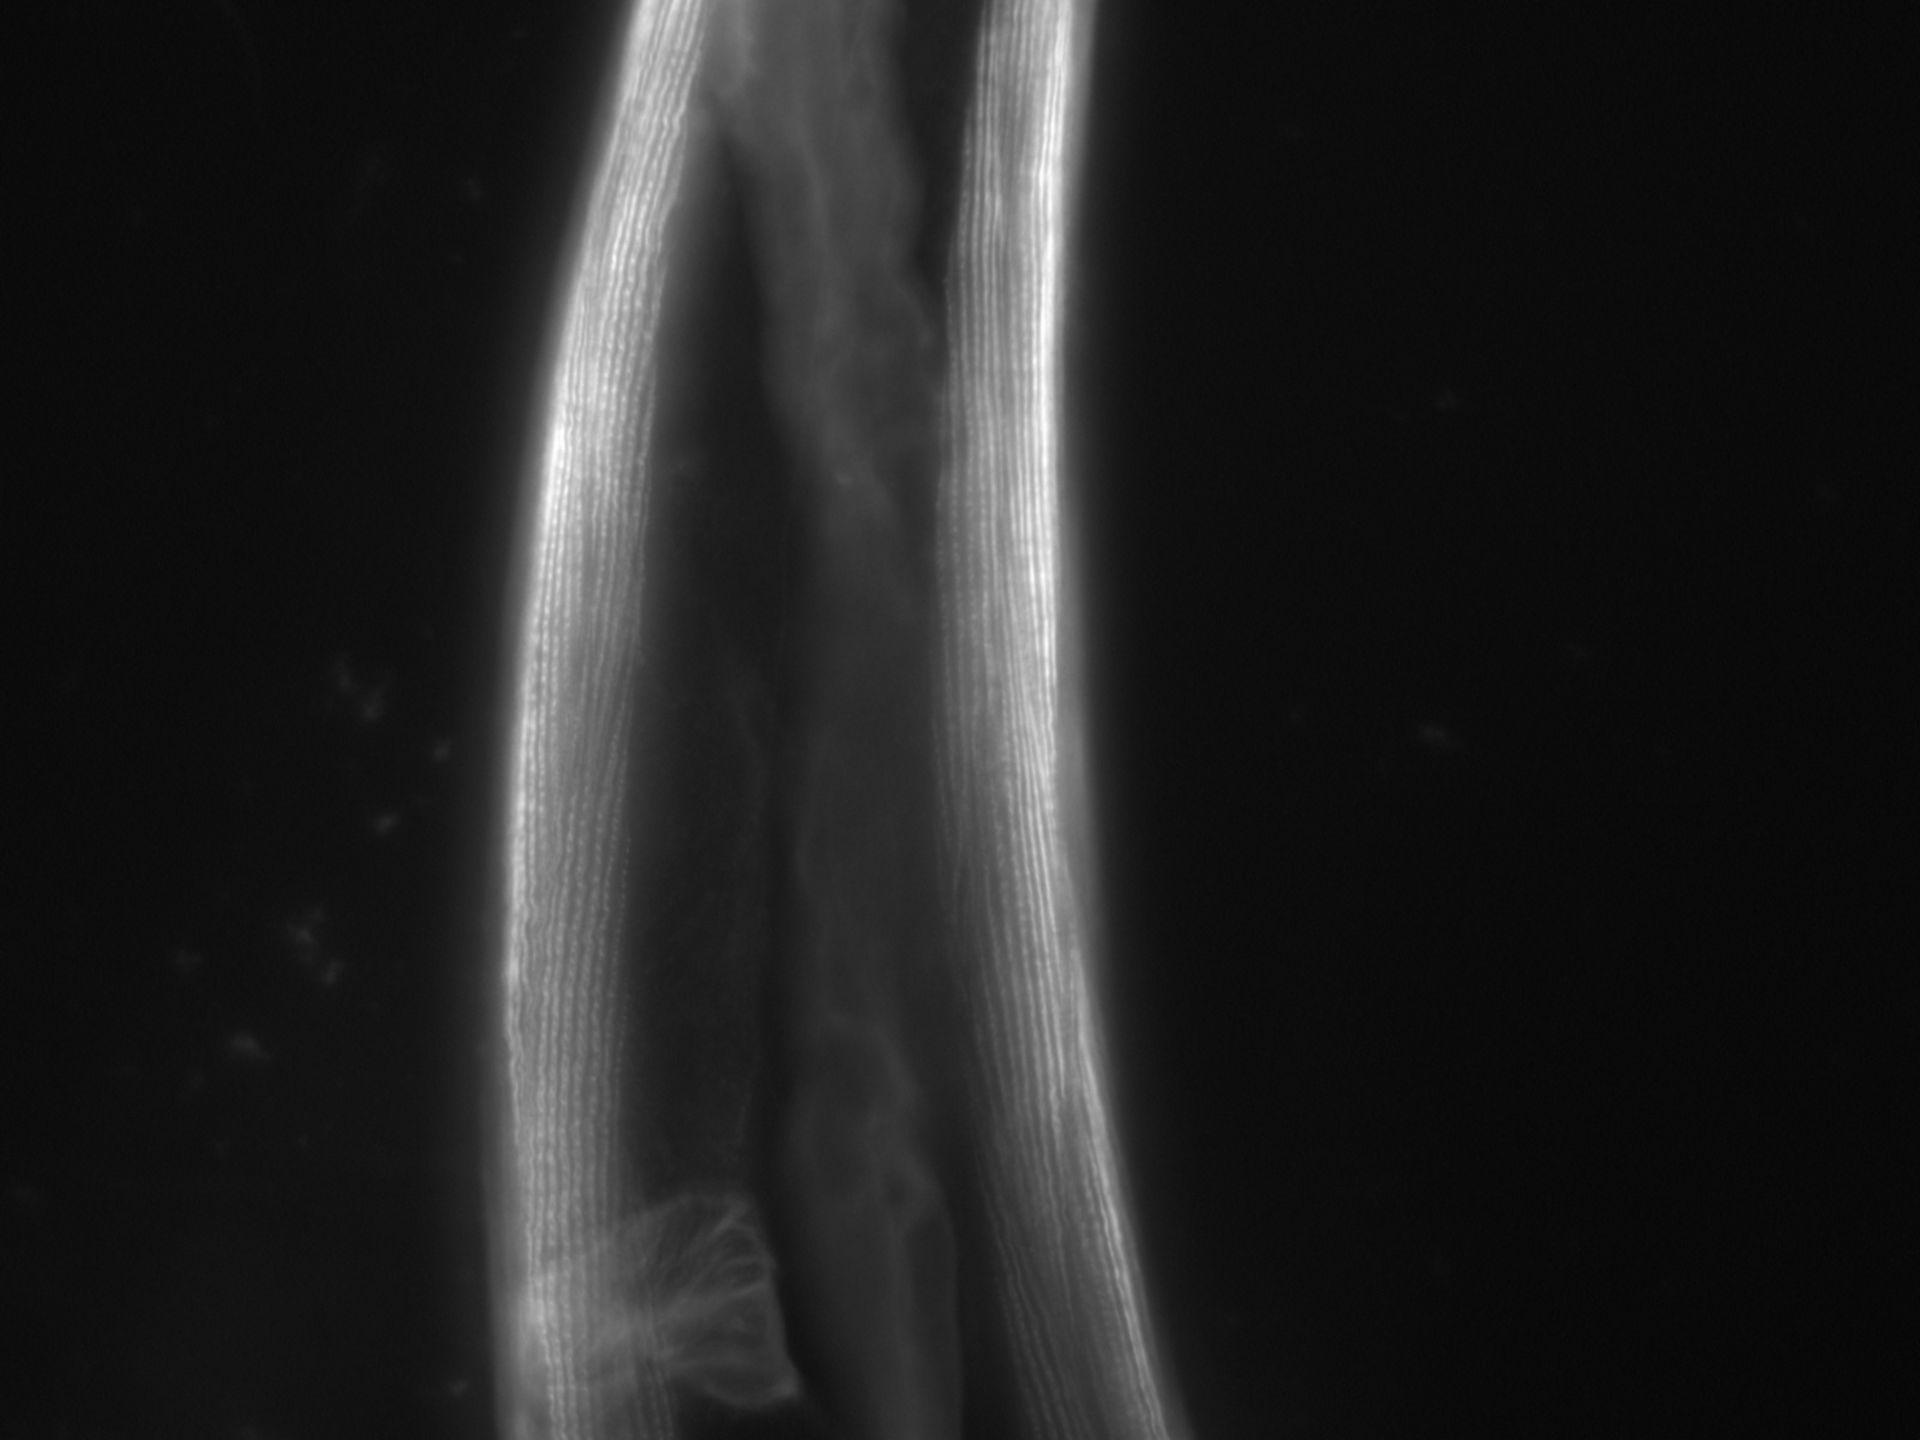 Caenorhabditis elegans (Actin filament) - CIL:1079